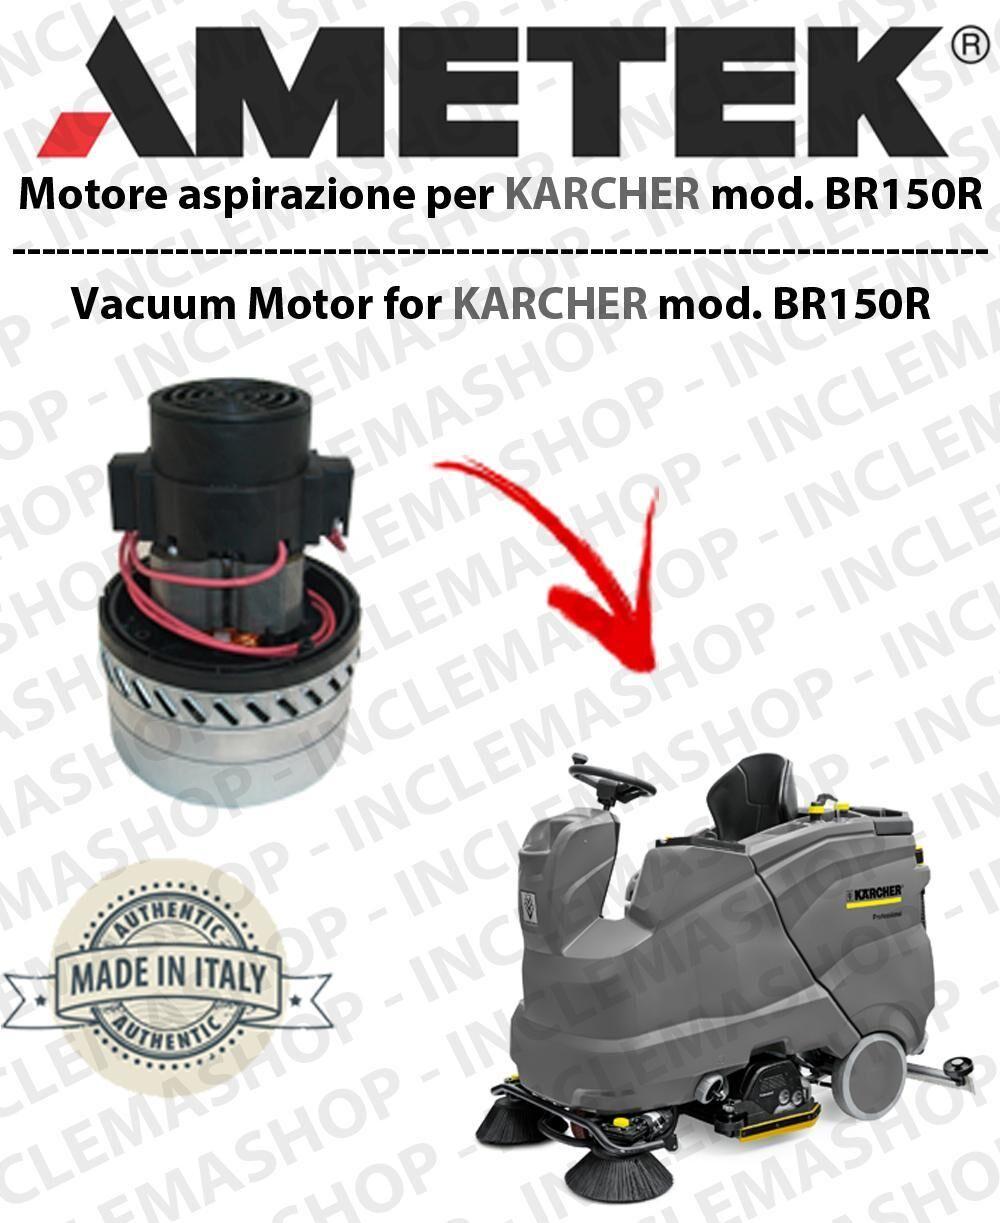 Karcher BR150R Motore aspirazione AMETEK ITALIA per lavapavimenti